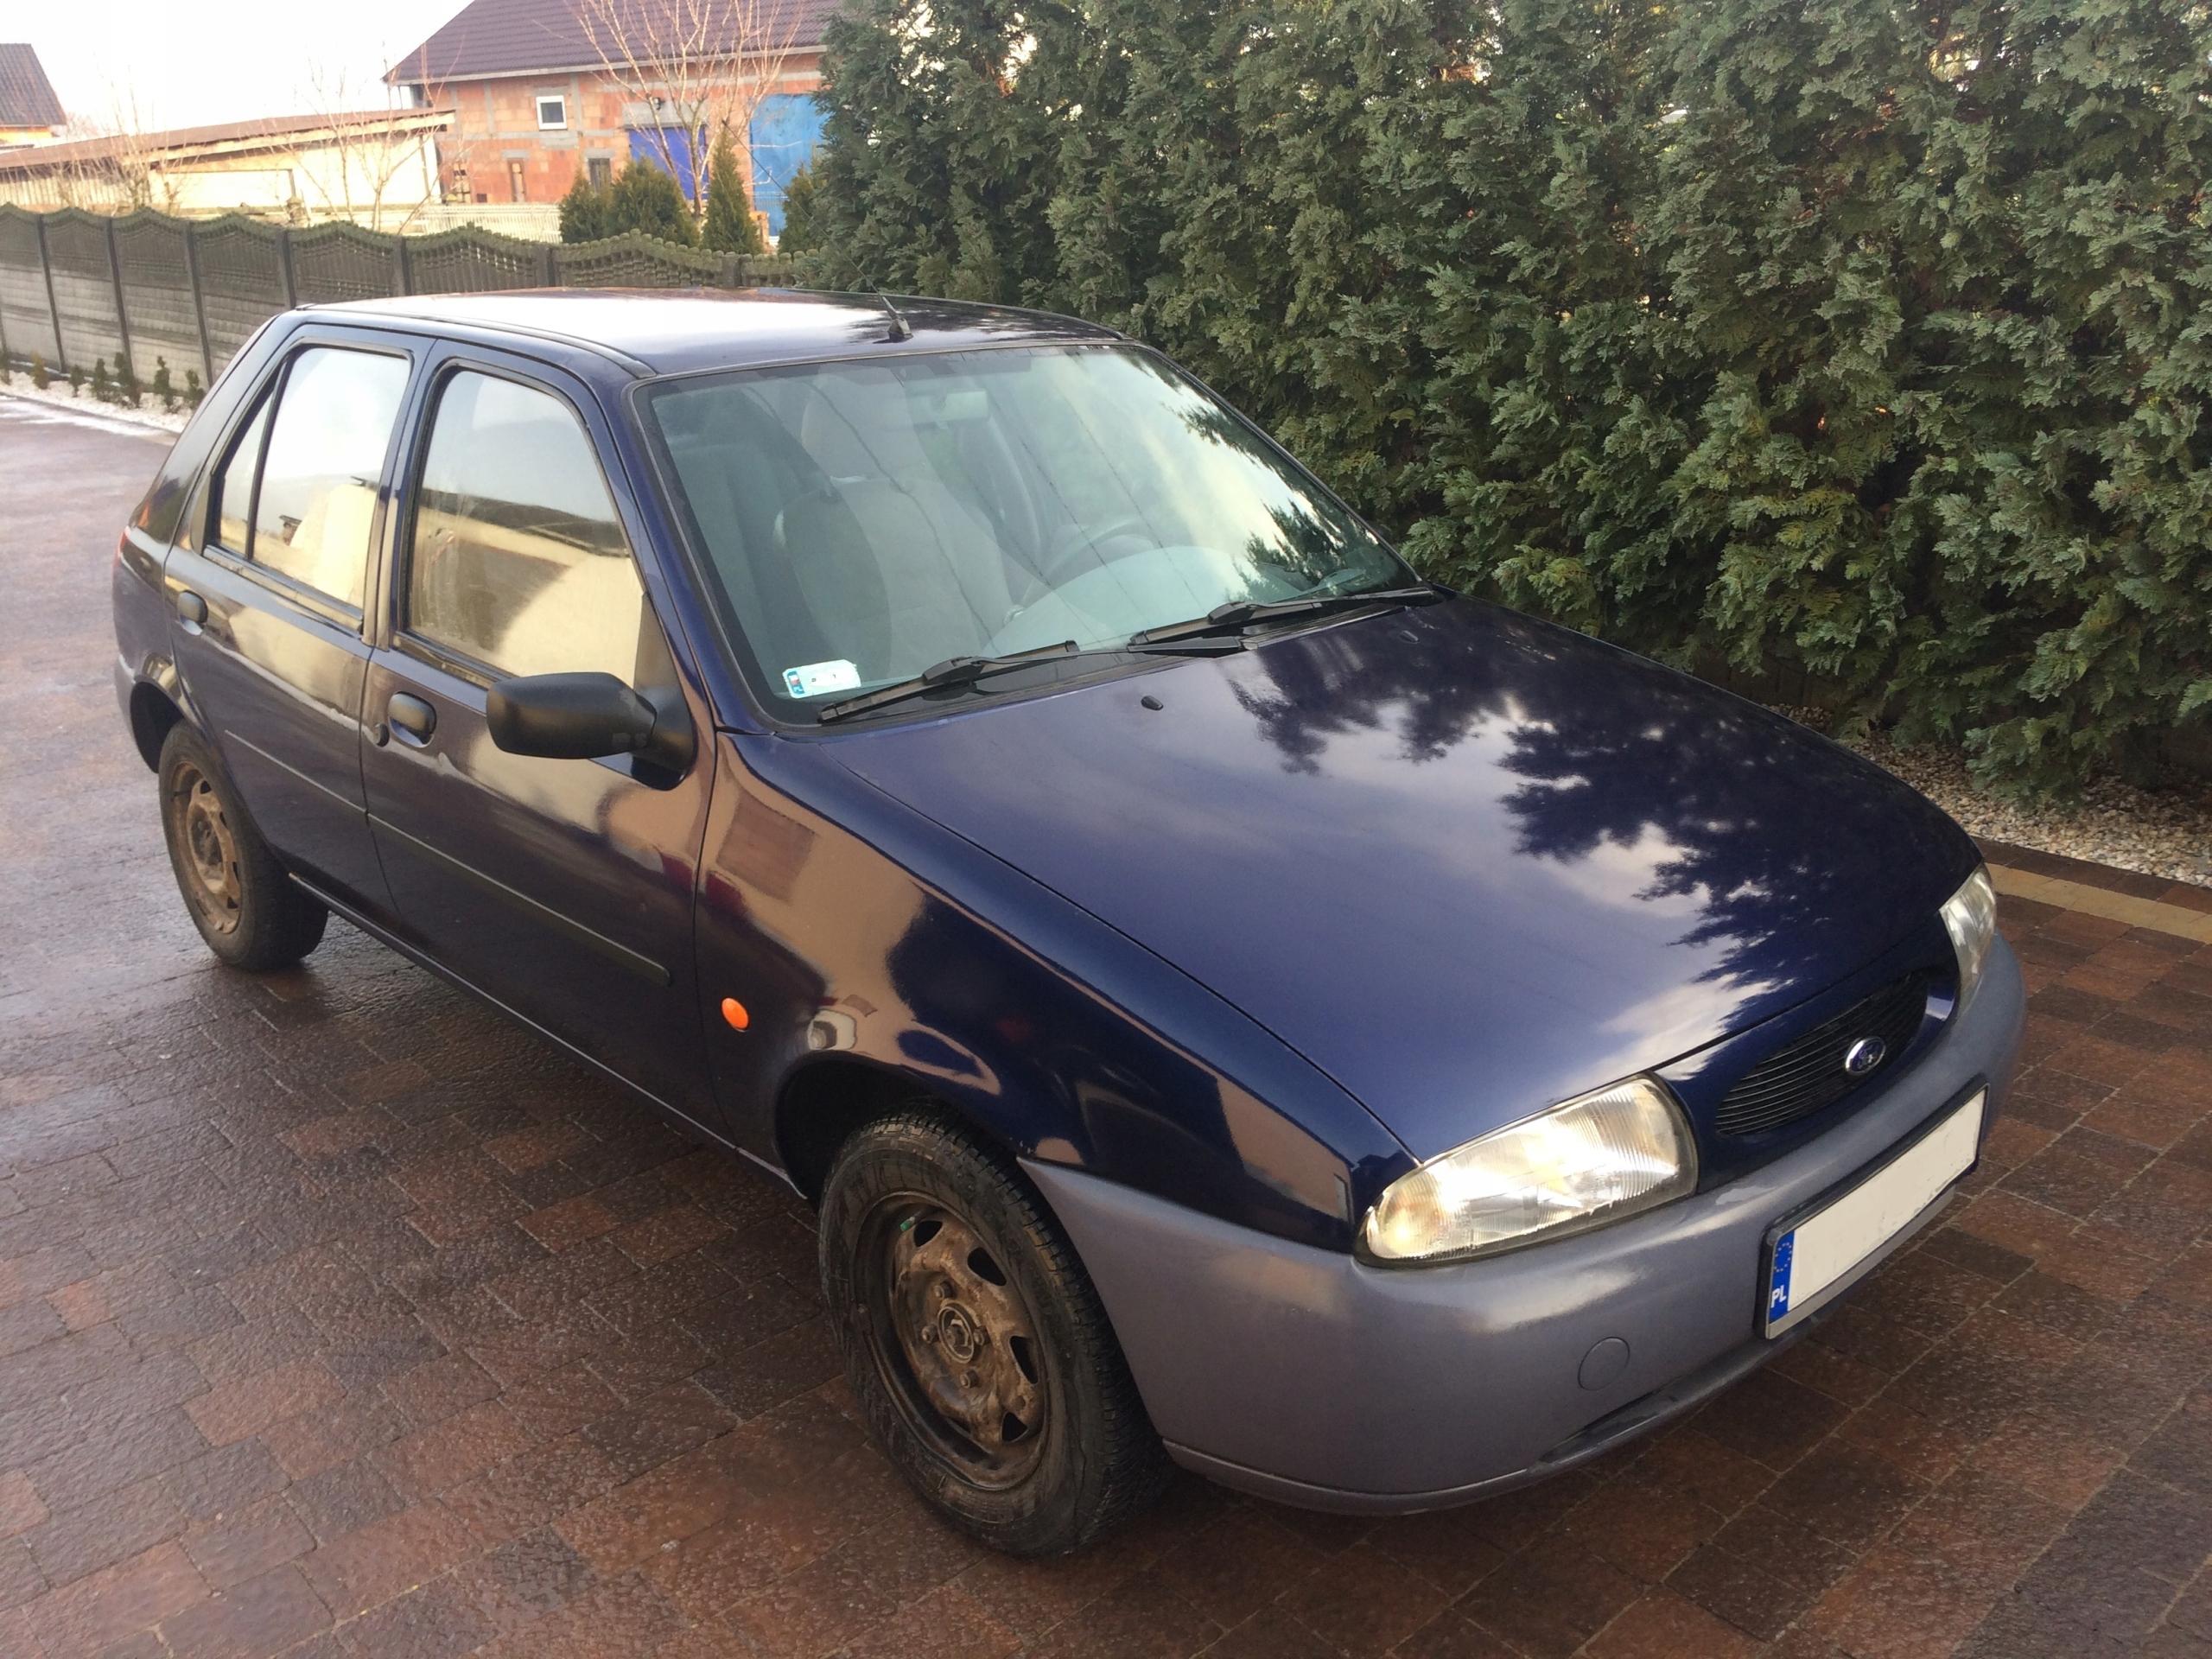 Sprzedam Ford Fiesta 1.3 benzyna 1997r